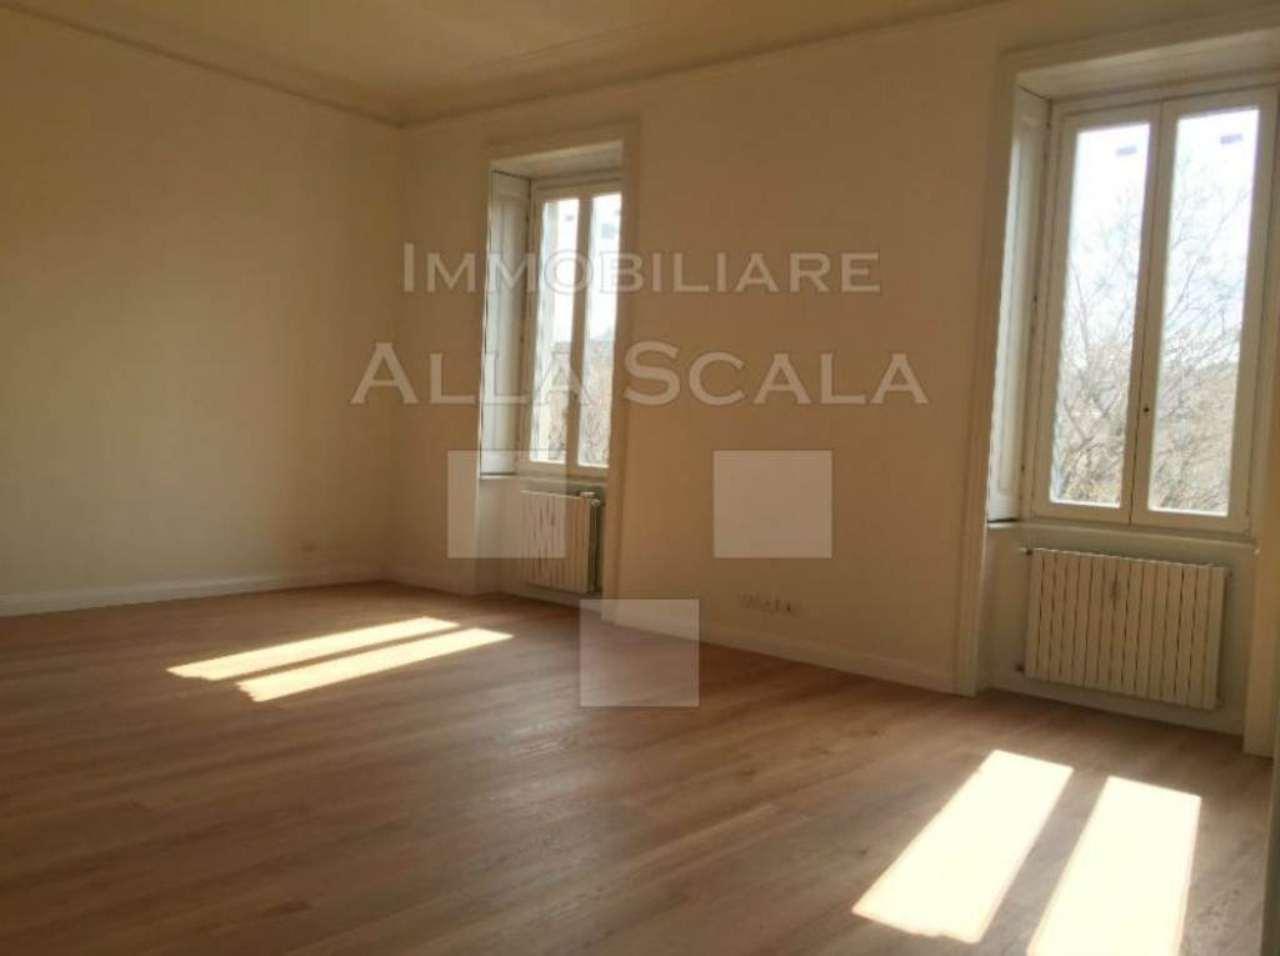 Appartamento in Affitto a Milano 01 Centro storico (Cerchia dei Navigli):  4 locali, 180 mq  - Foto 1